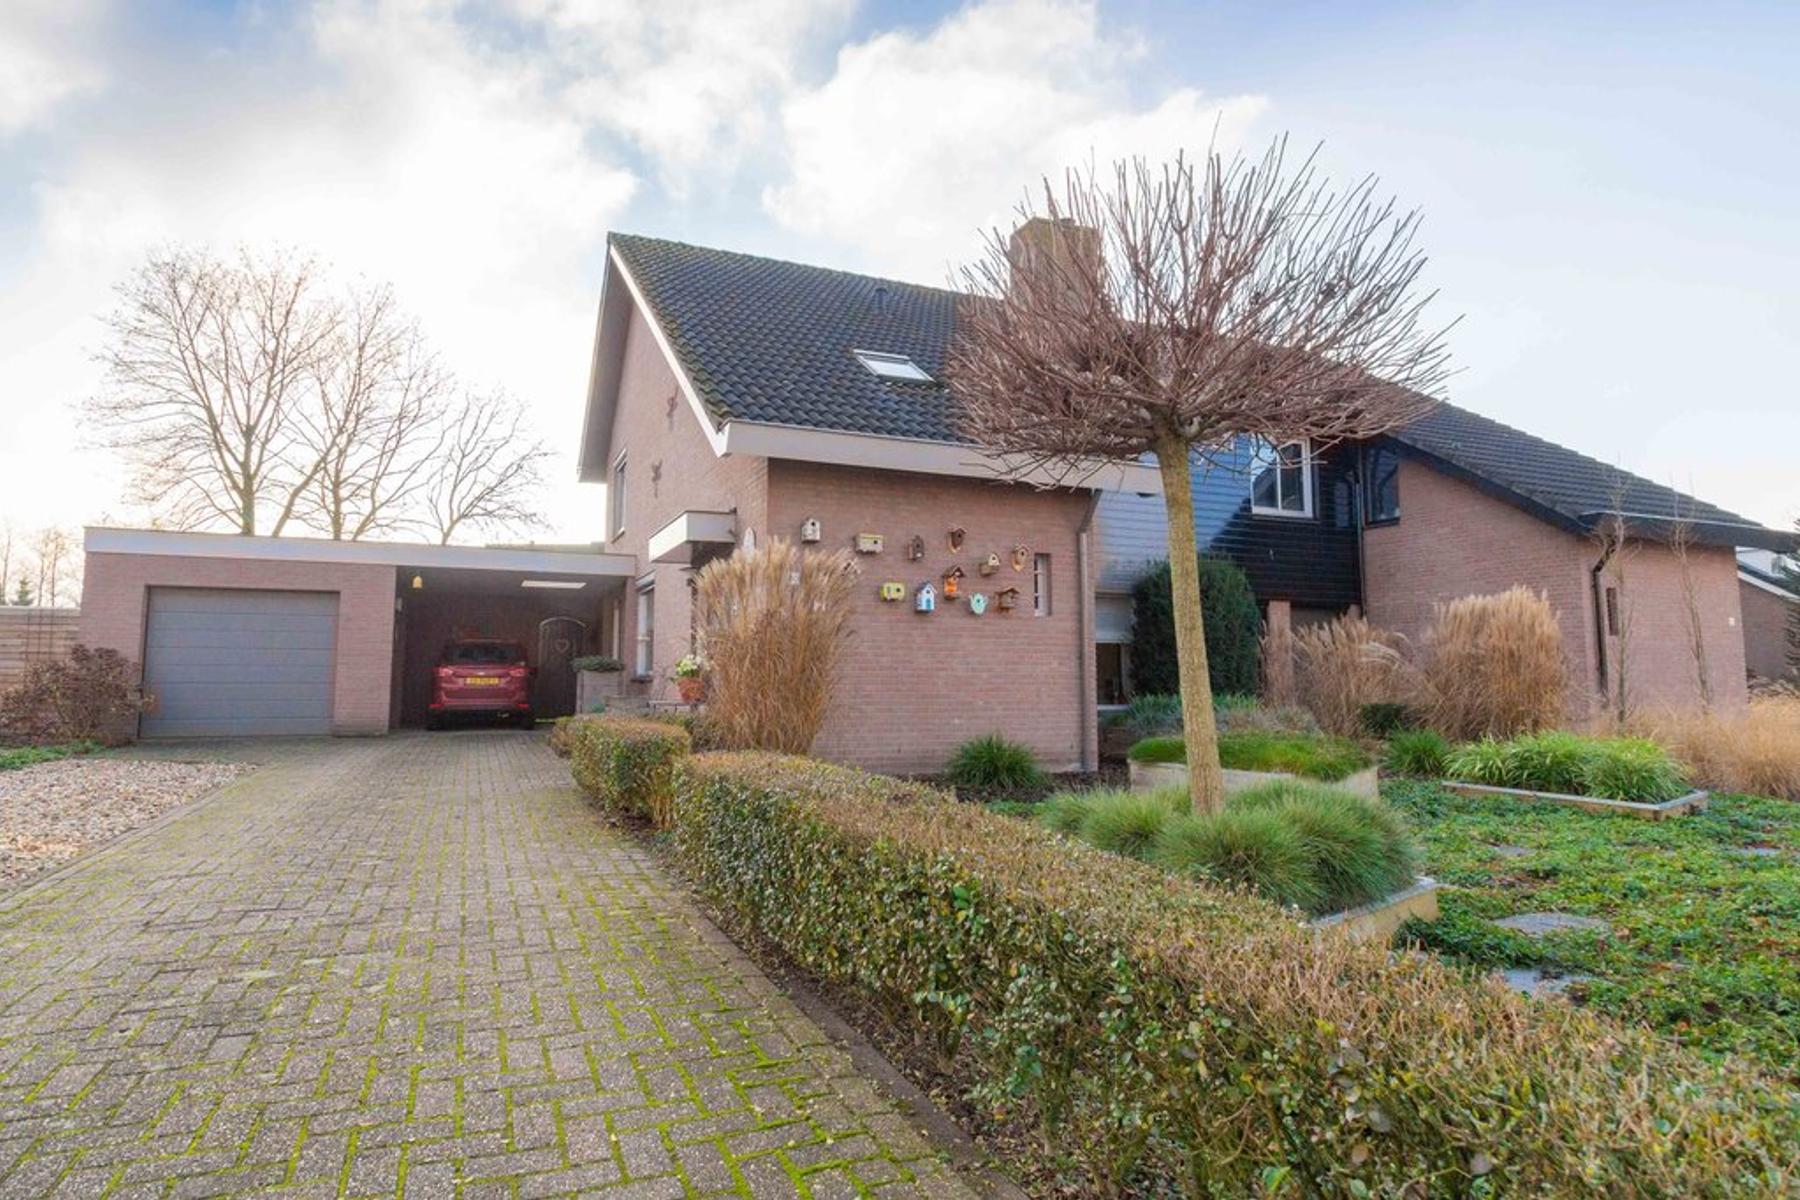 Weteringlaan 90 in Tilburg 5032 XT